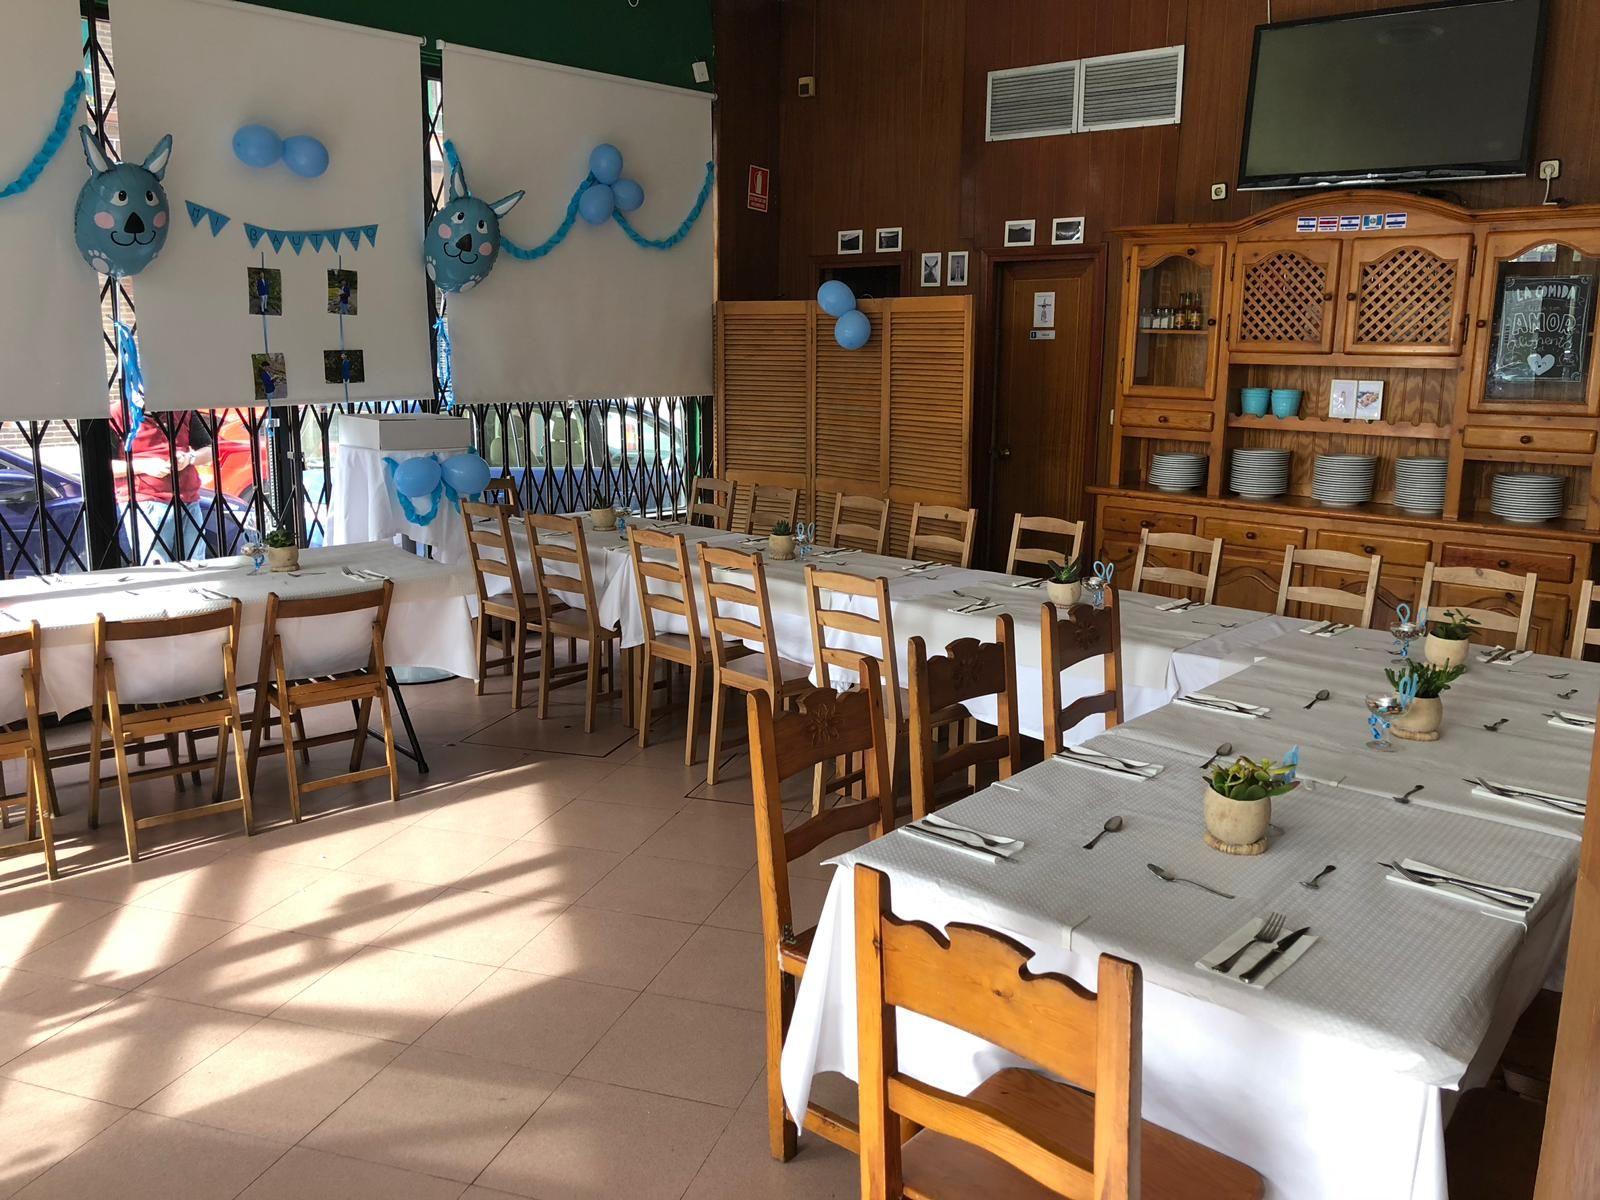 Foto 3 de Cocina latinoamericana en  | Café Bar Mamá Tere